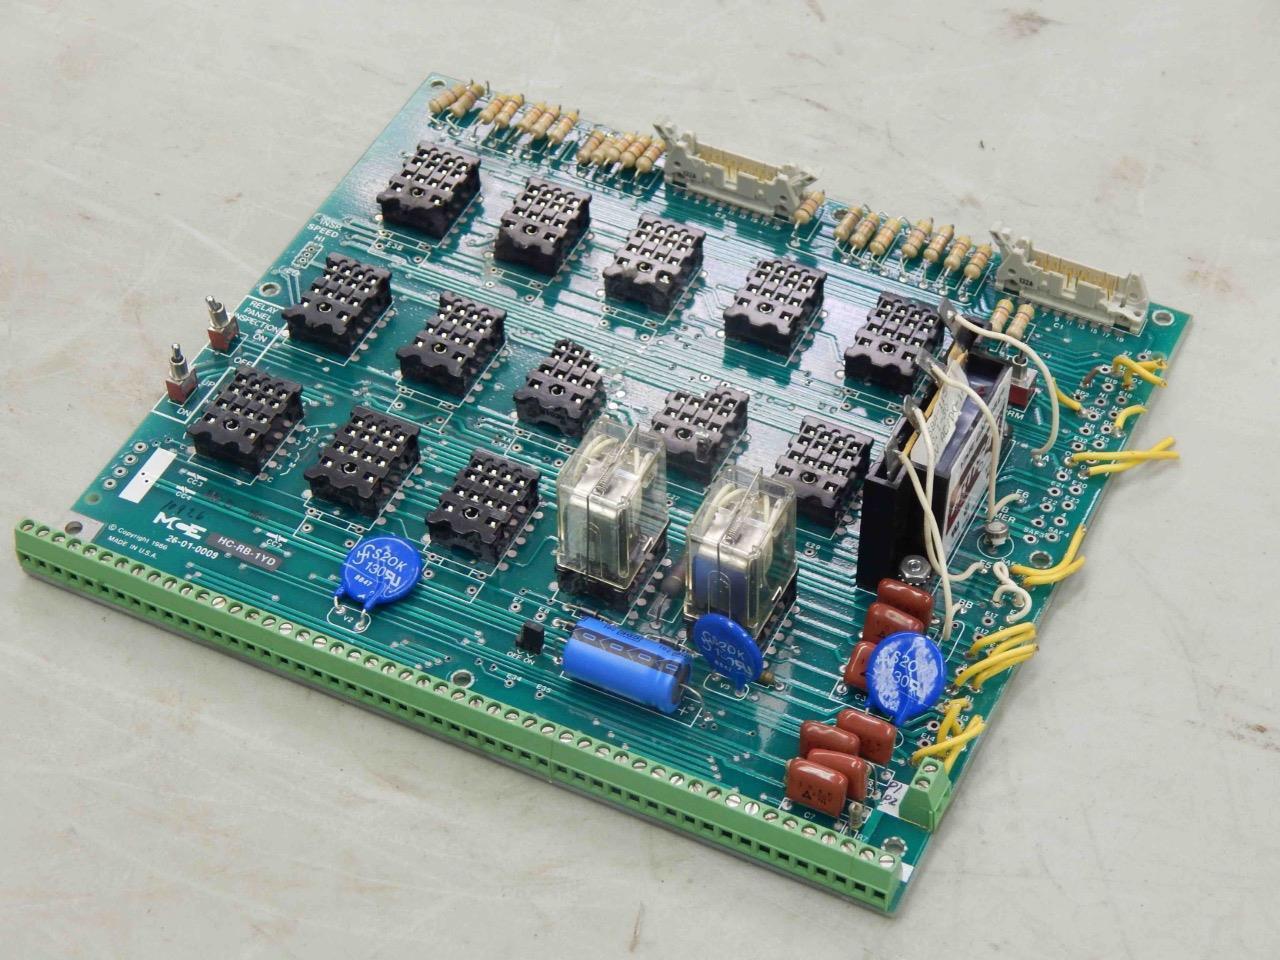 Square D 8501 Contactor